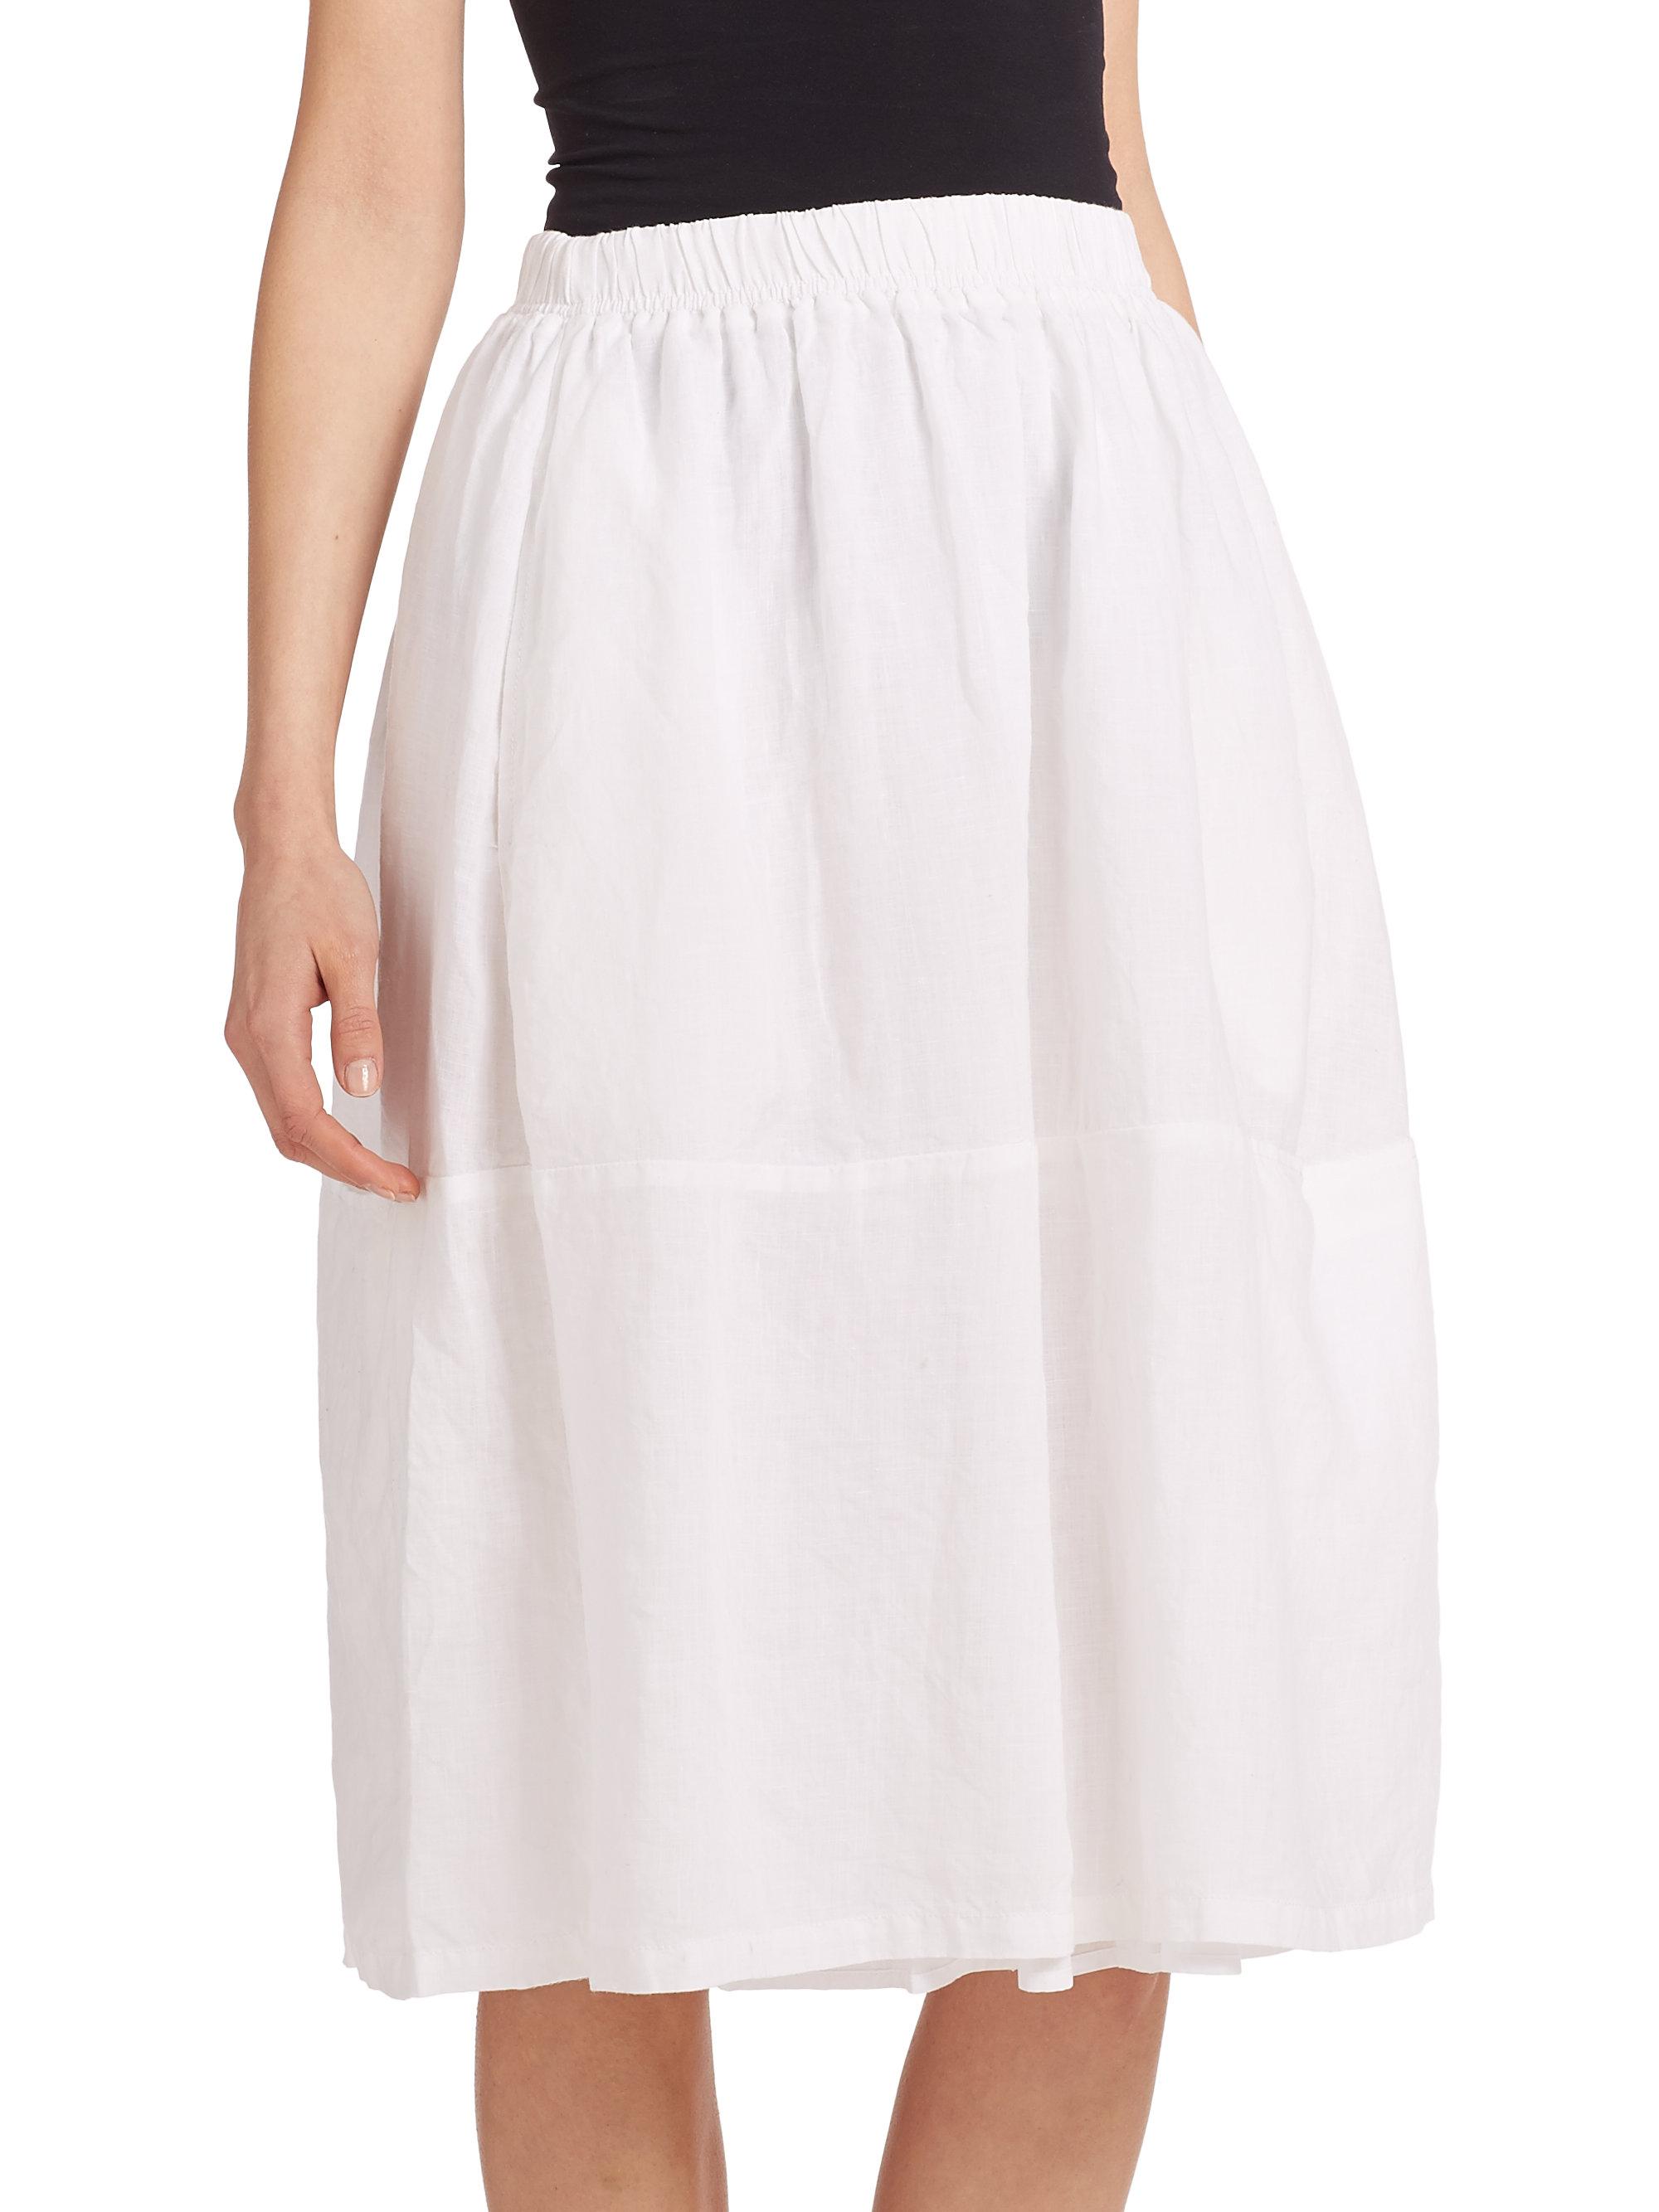 Eileen fisher Linen Skirt in White | Lyst